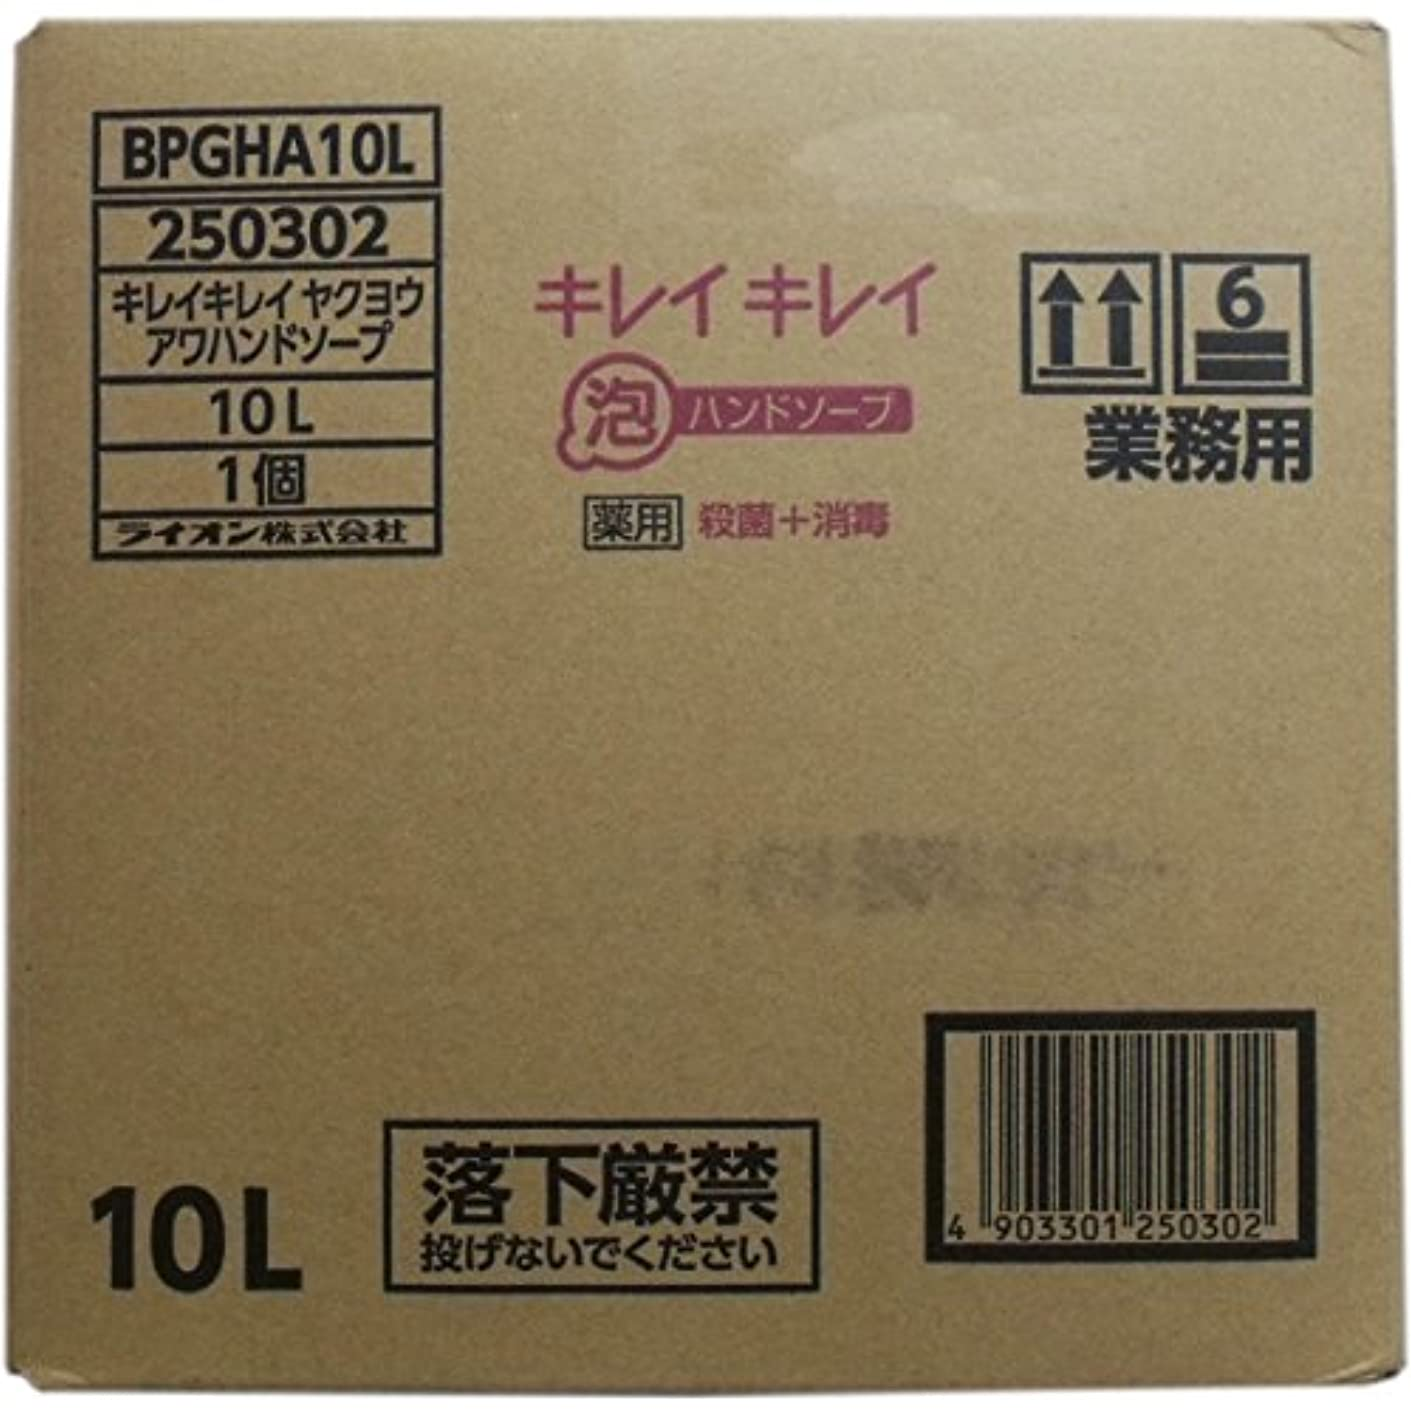 懐日空虚業務用キレイキレイ 薬用泡ハンドソープ 10L×10個セット